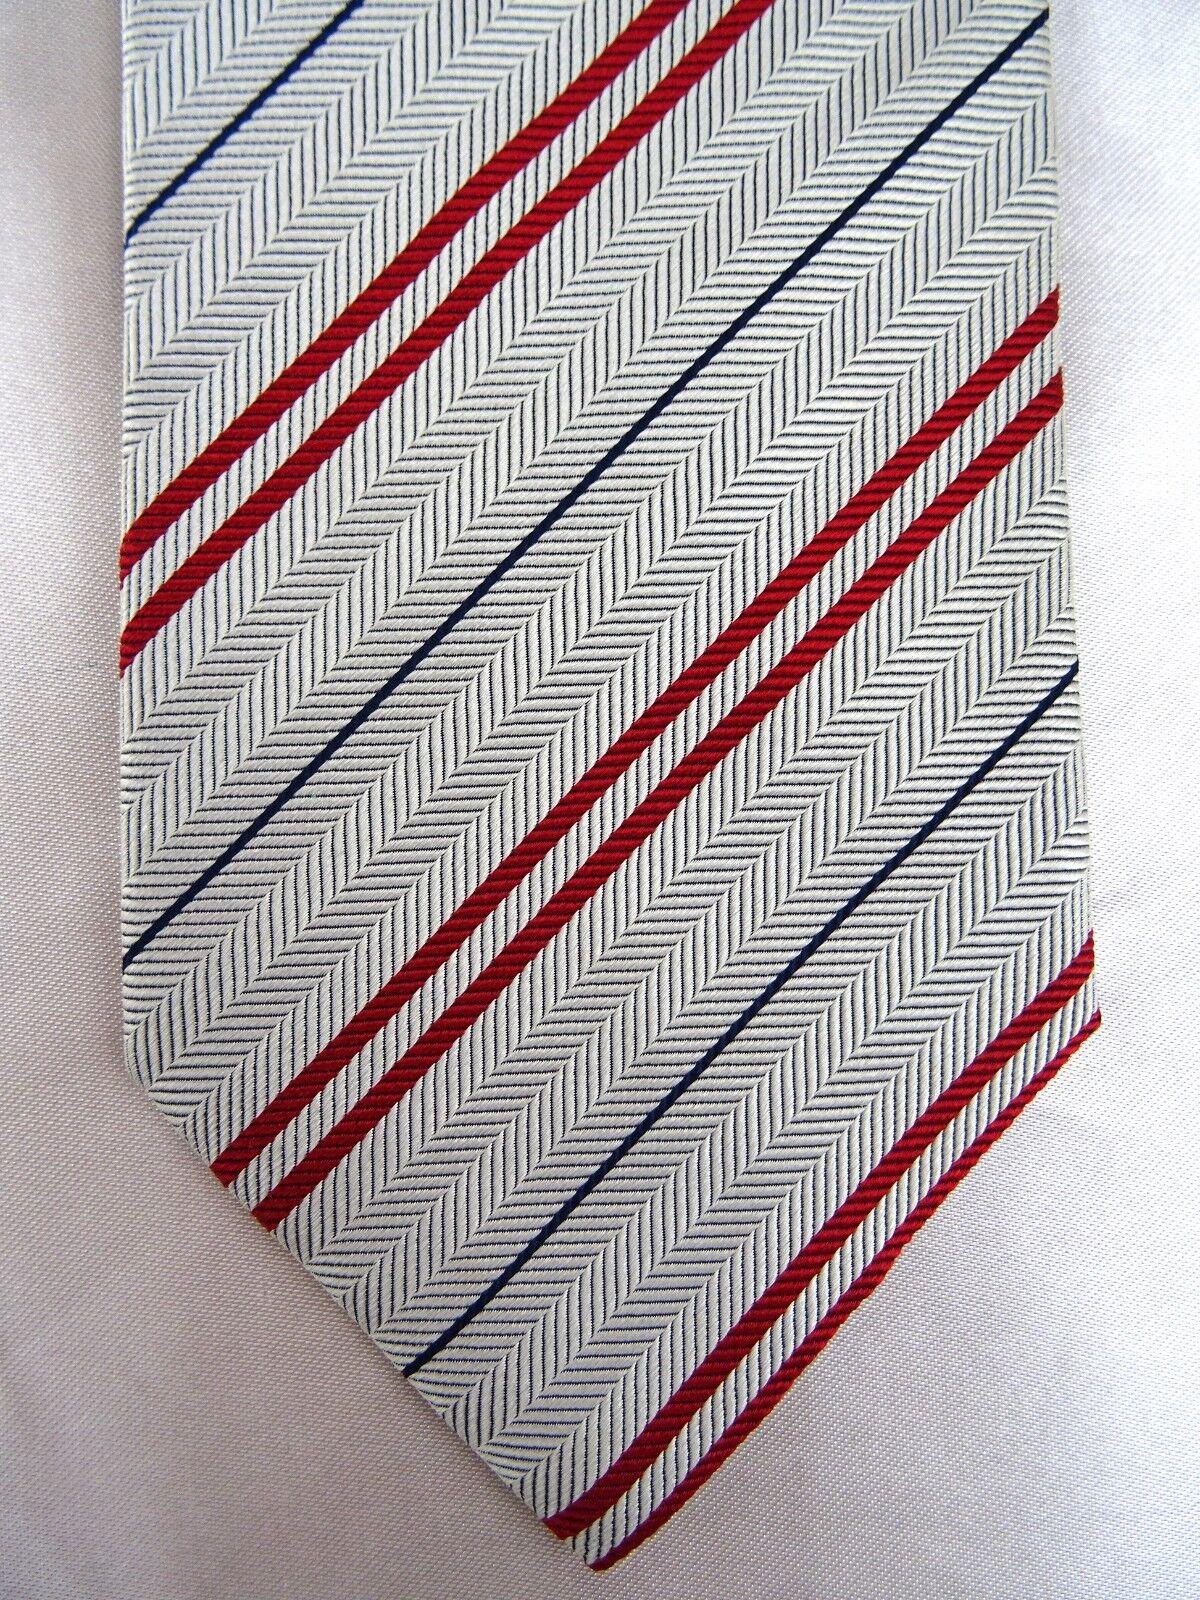 Krawatte von SUIT SUPPLY, 100% Seide, Made in Italy, Luxus, Schlips